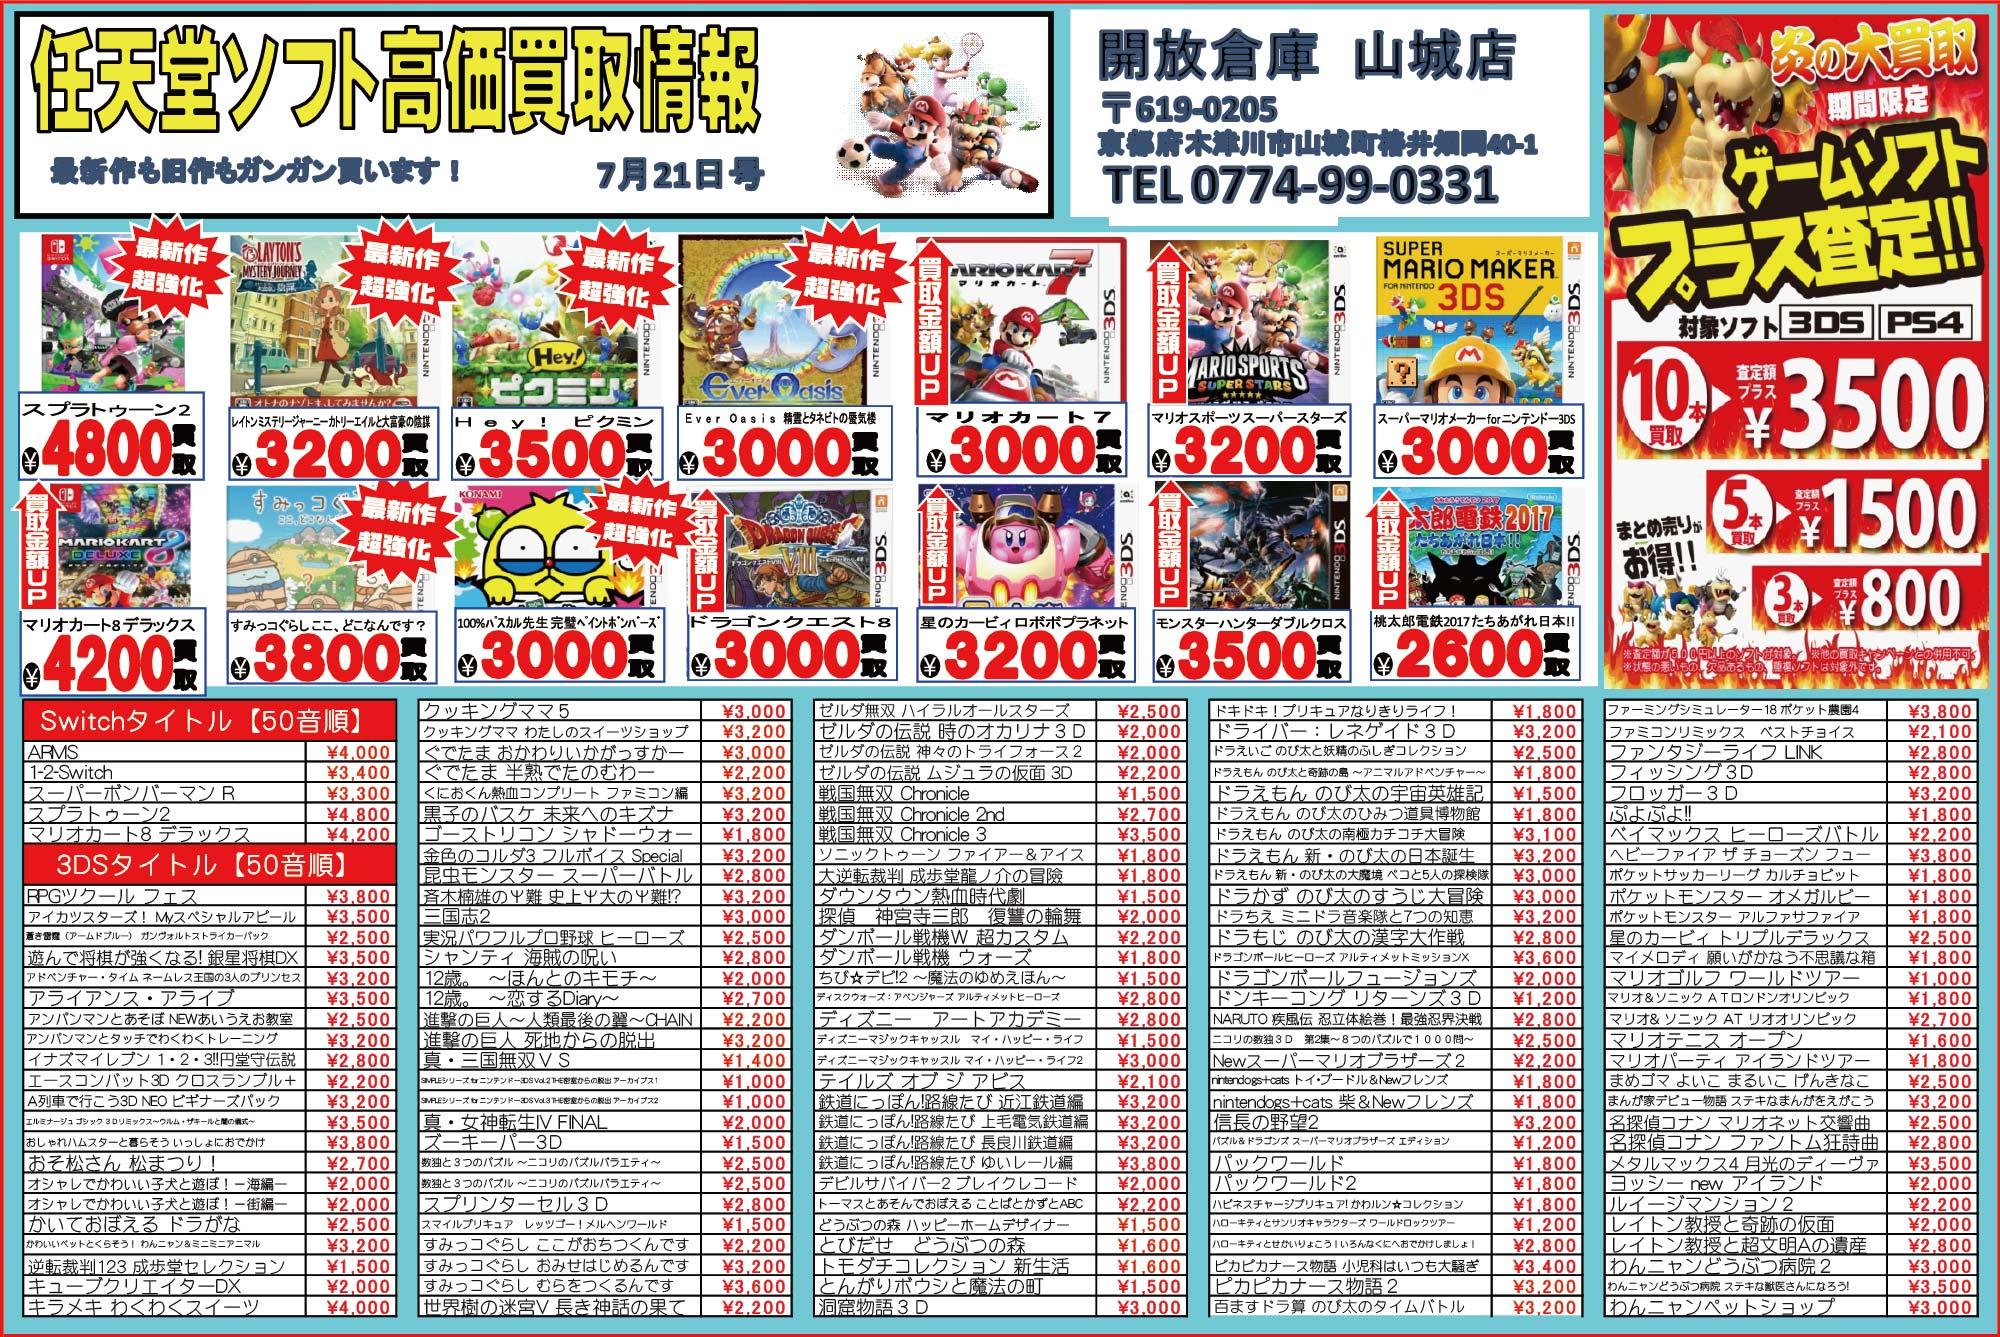 「開放倉庫山城店」7月21日号/任天堂ソフト高価買取情報!最新作も旧作もガンガン買います!!